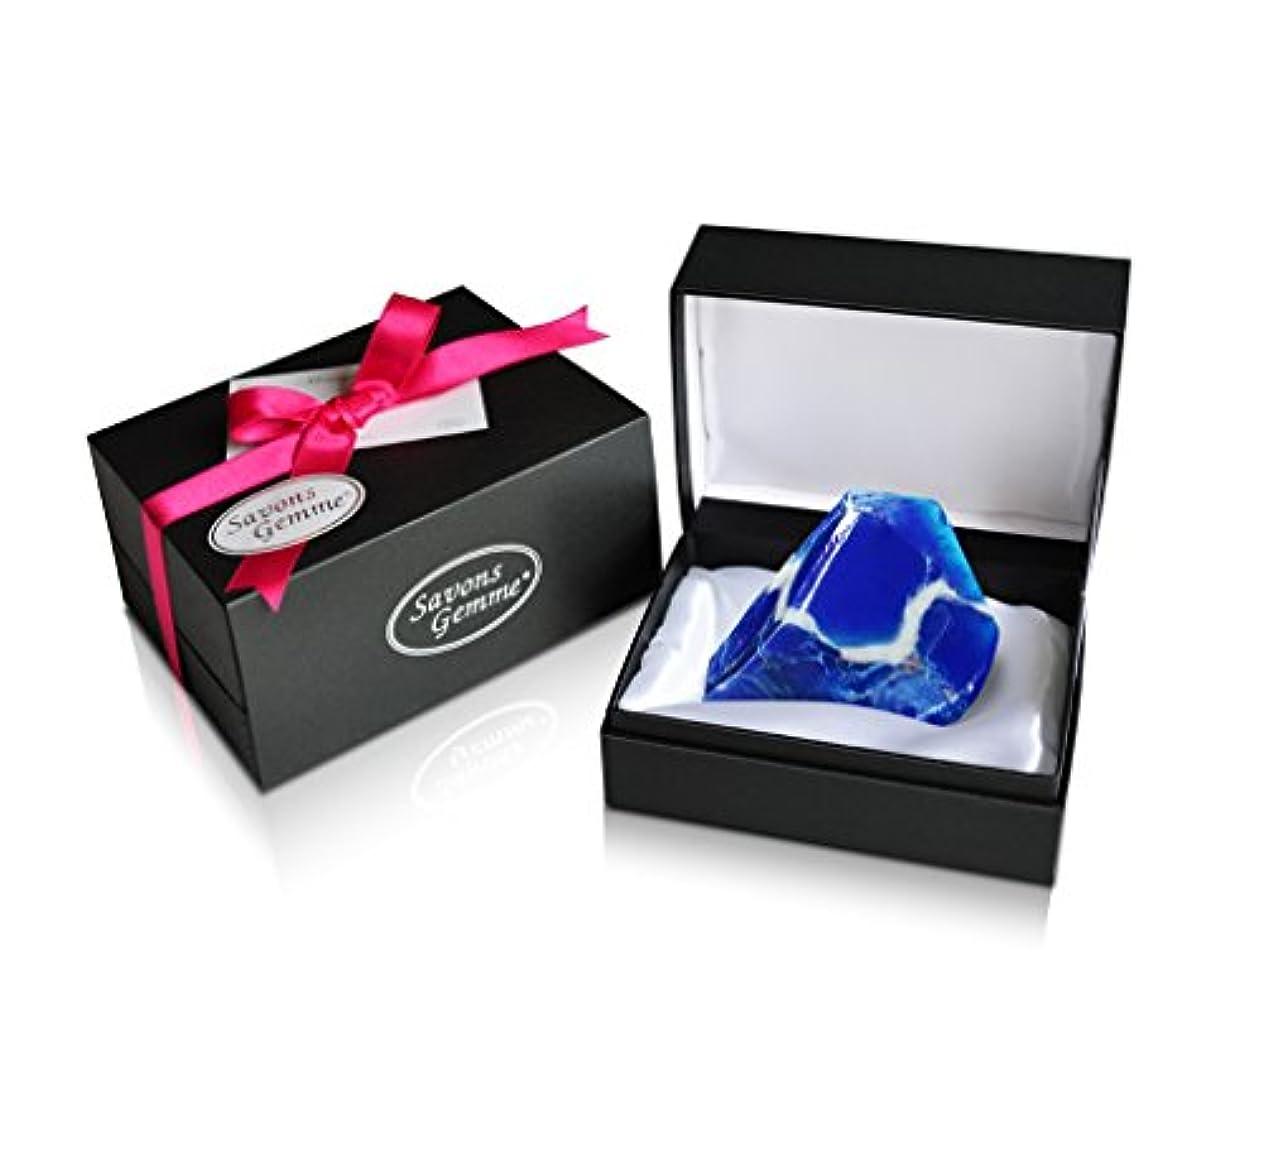 セットする補助思いつくSavons Gemme サボンジェム ジュエリーギフトボックス 世界で一番美しい宝石石鹸 フレグランス ソープ ラピスラズリィ 170g